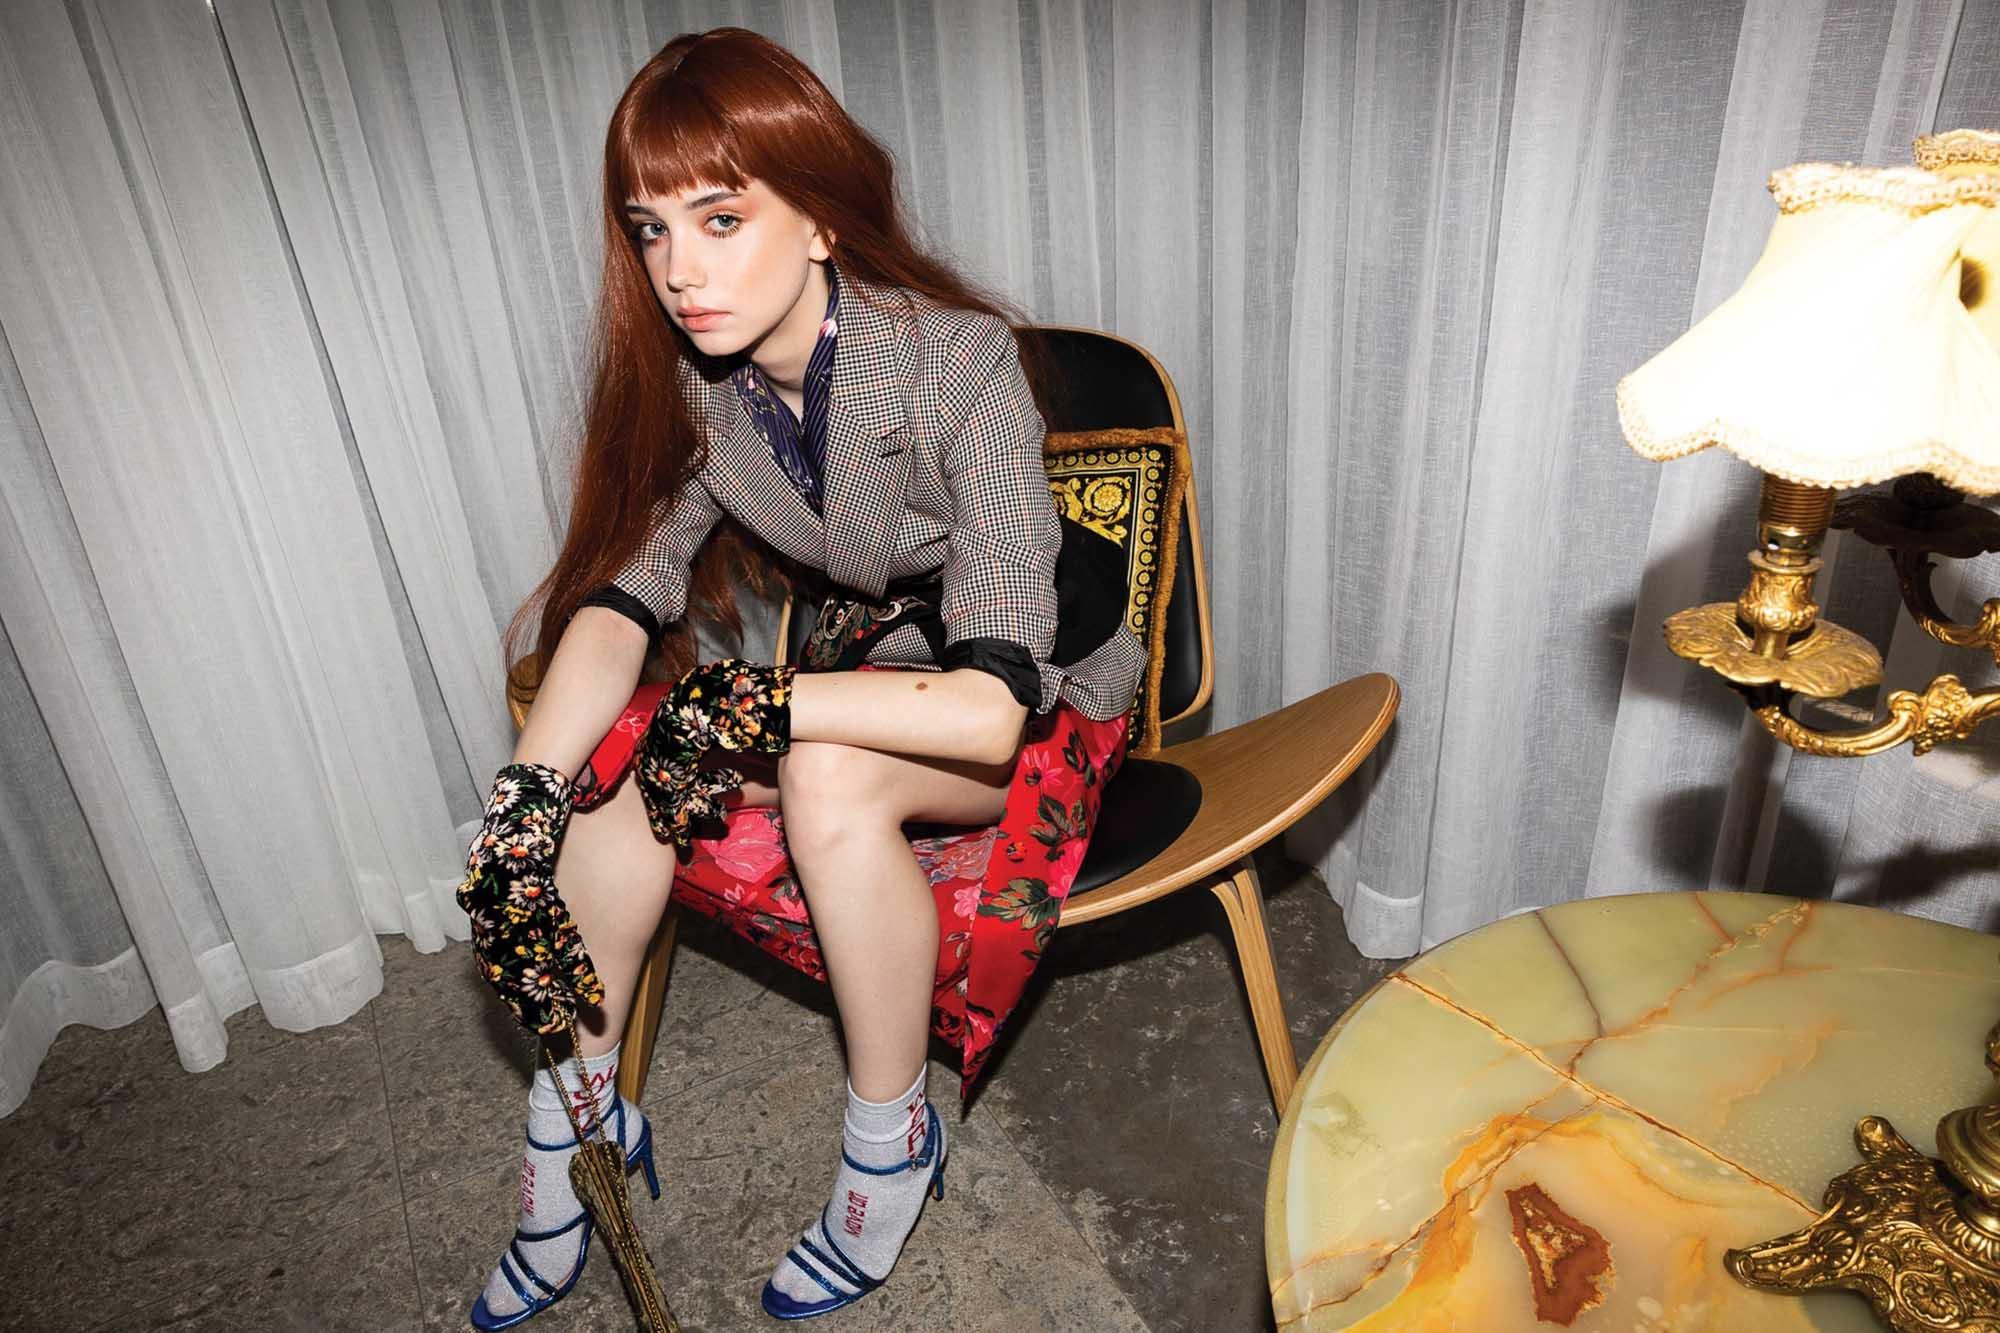 ירין שחף, הפקת אופנה, קרינה גרוזמן, שירה לכנר, מגזין אופנה -2